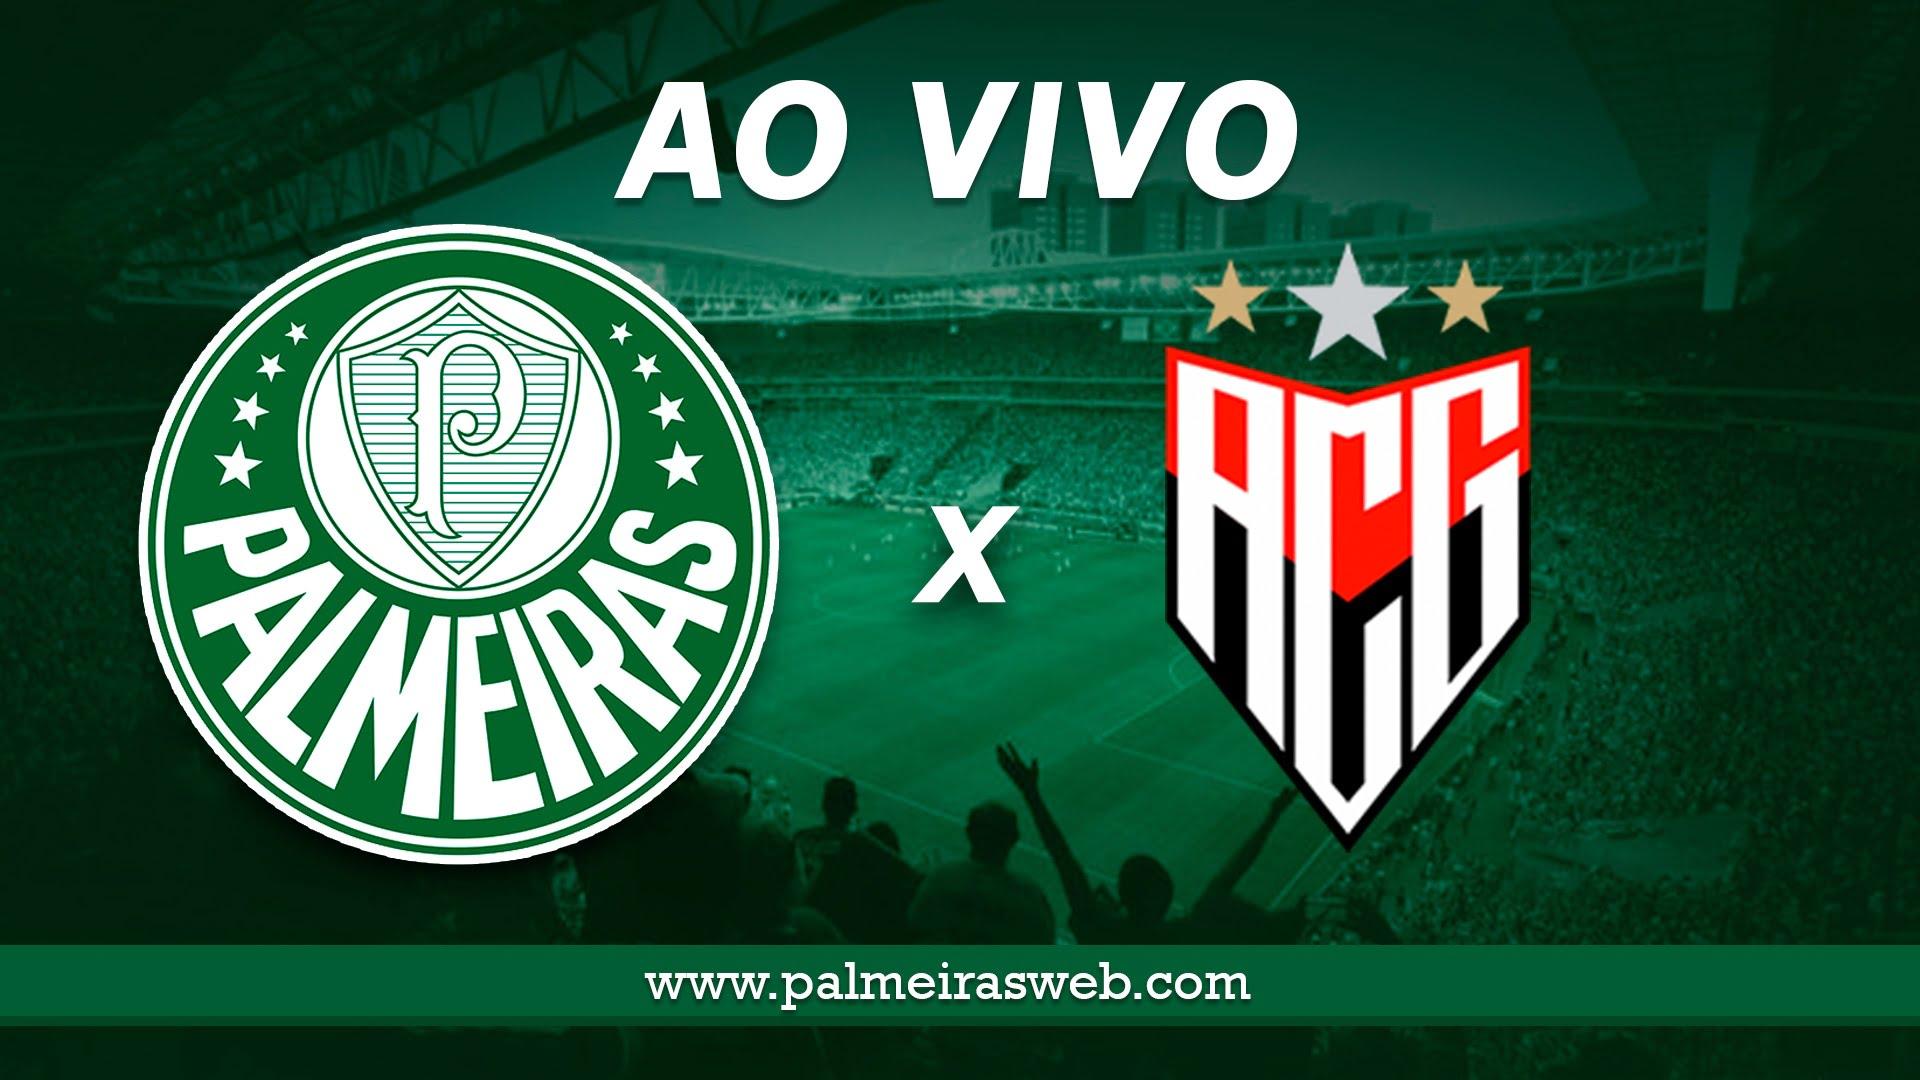 Palmeiras x Atlético-GO AO VIVO